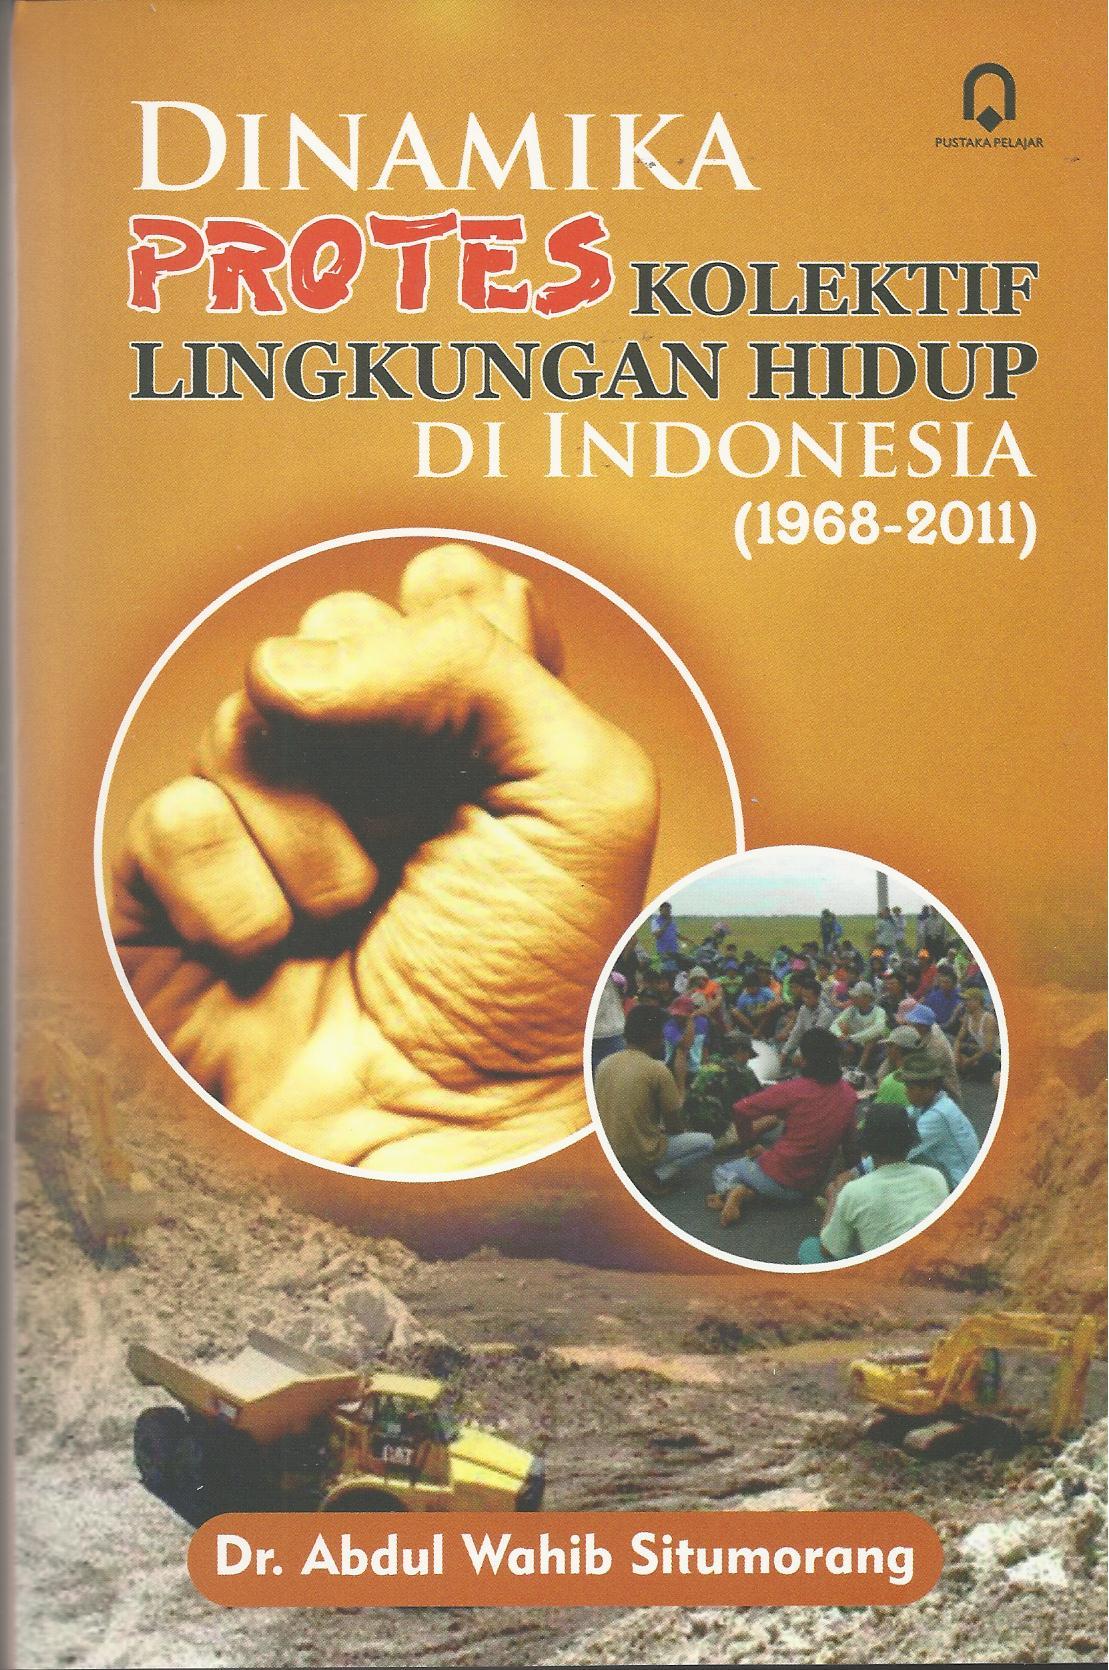 Dinamika Protes Kolektif Lingkungan Hidup di Indonesia (1968-2011)